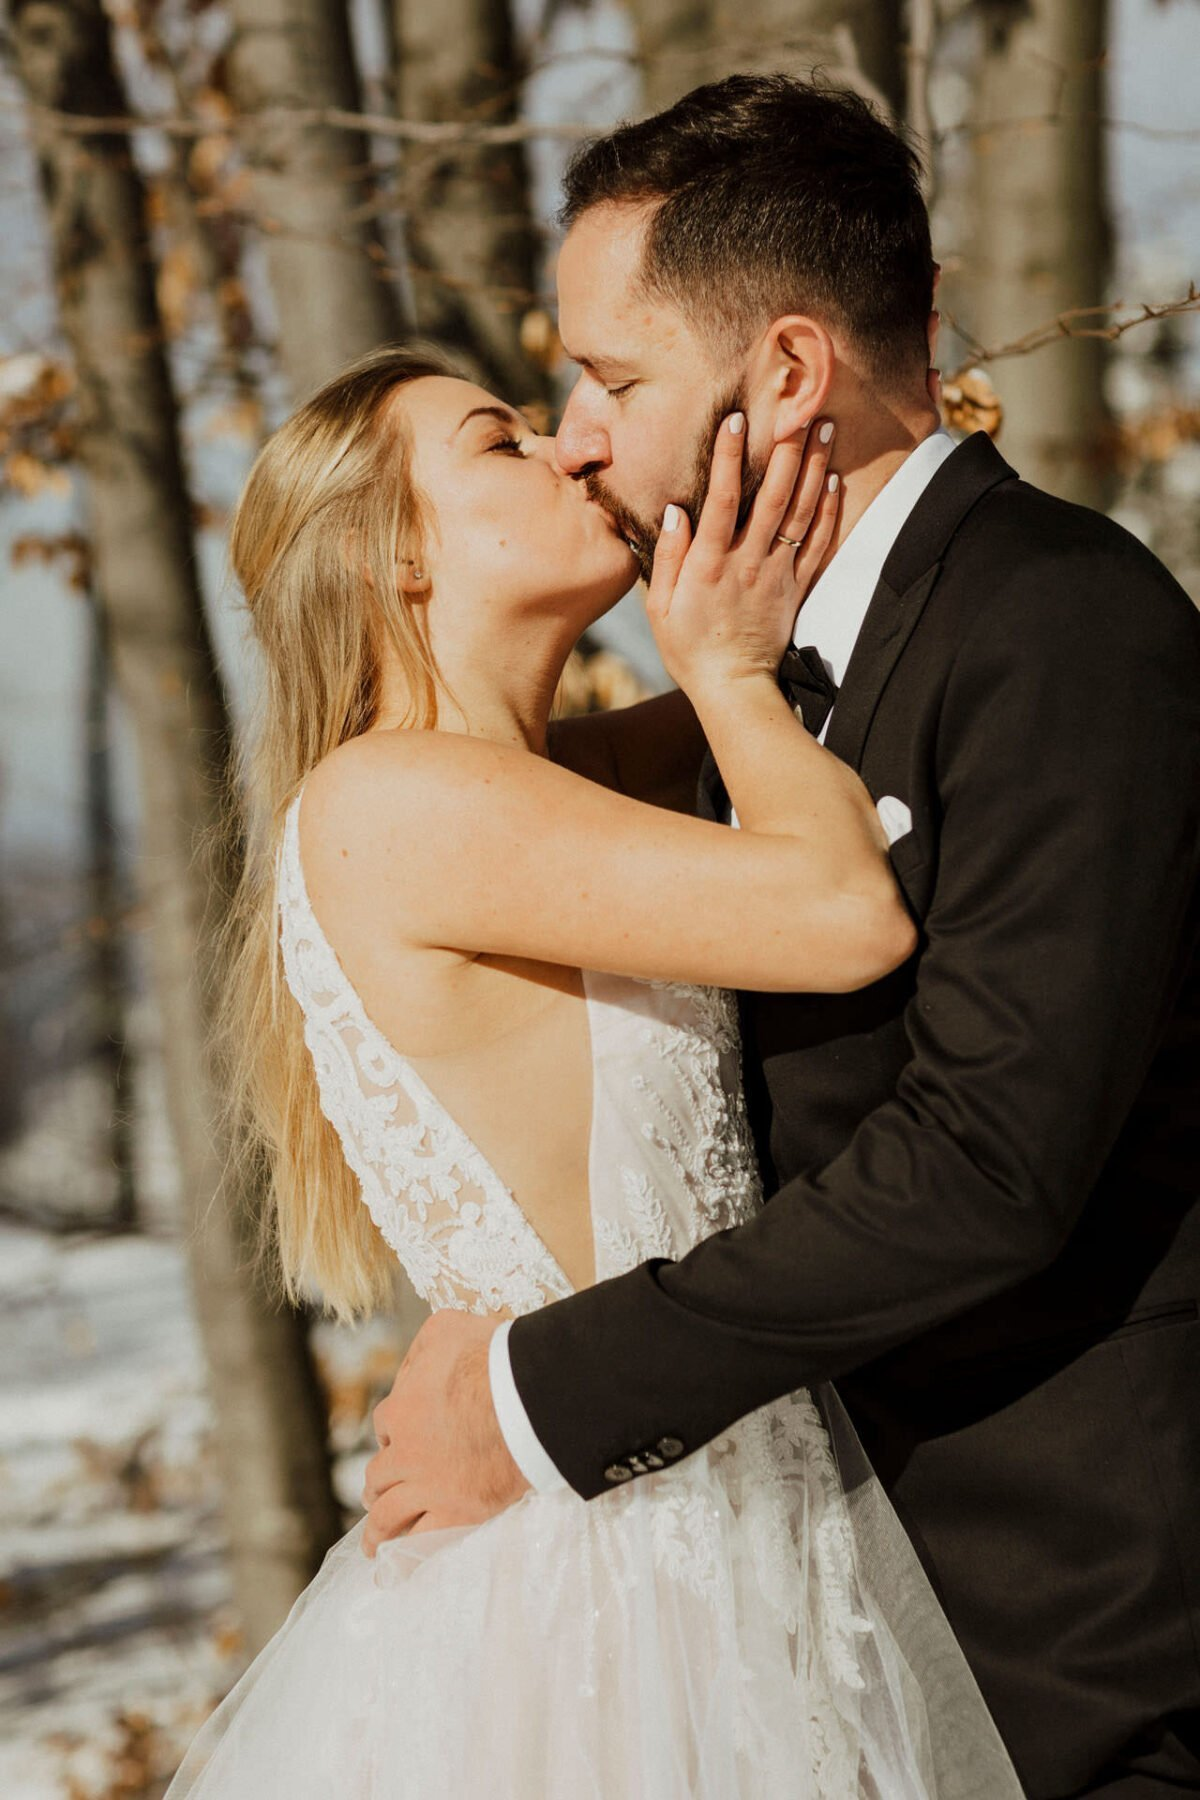 Plener ślubny w zimie - fotografia ślubna Kraków